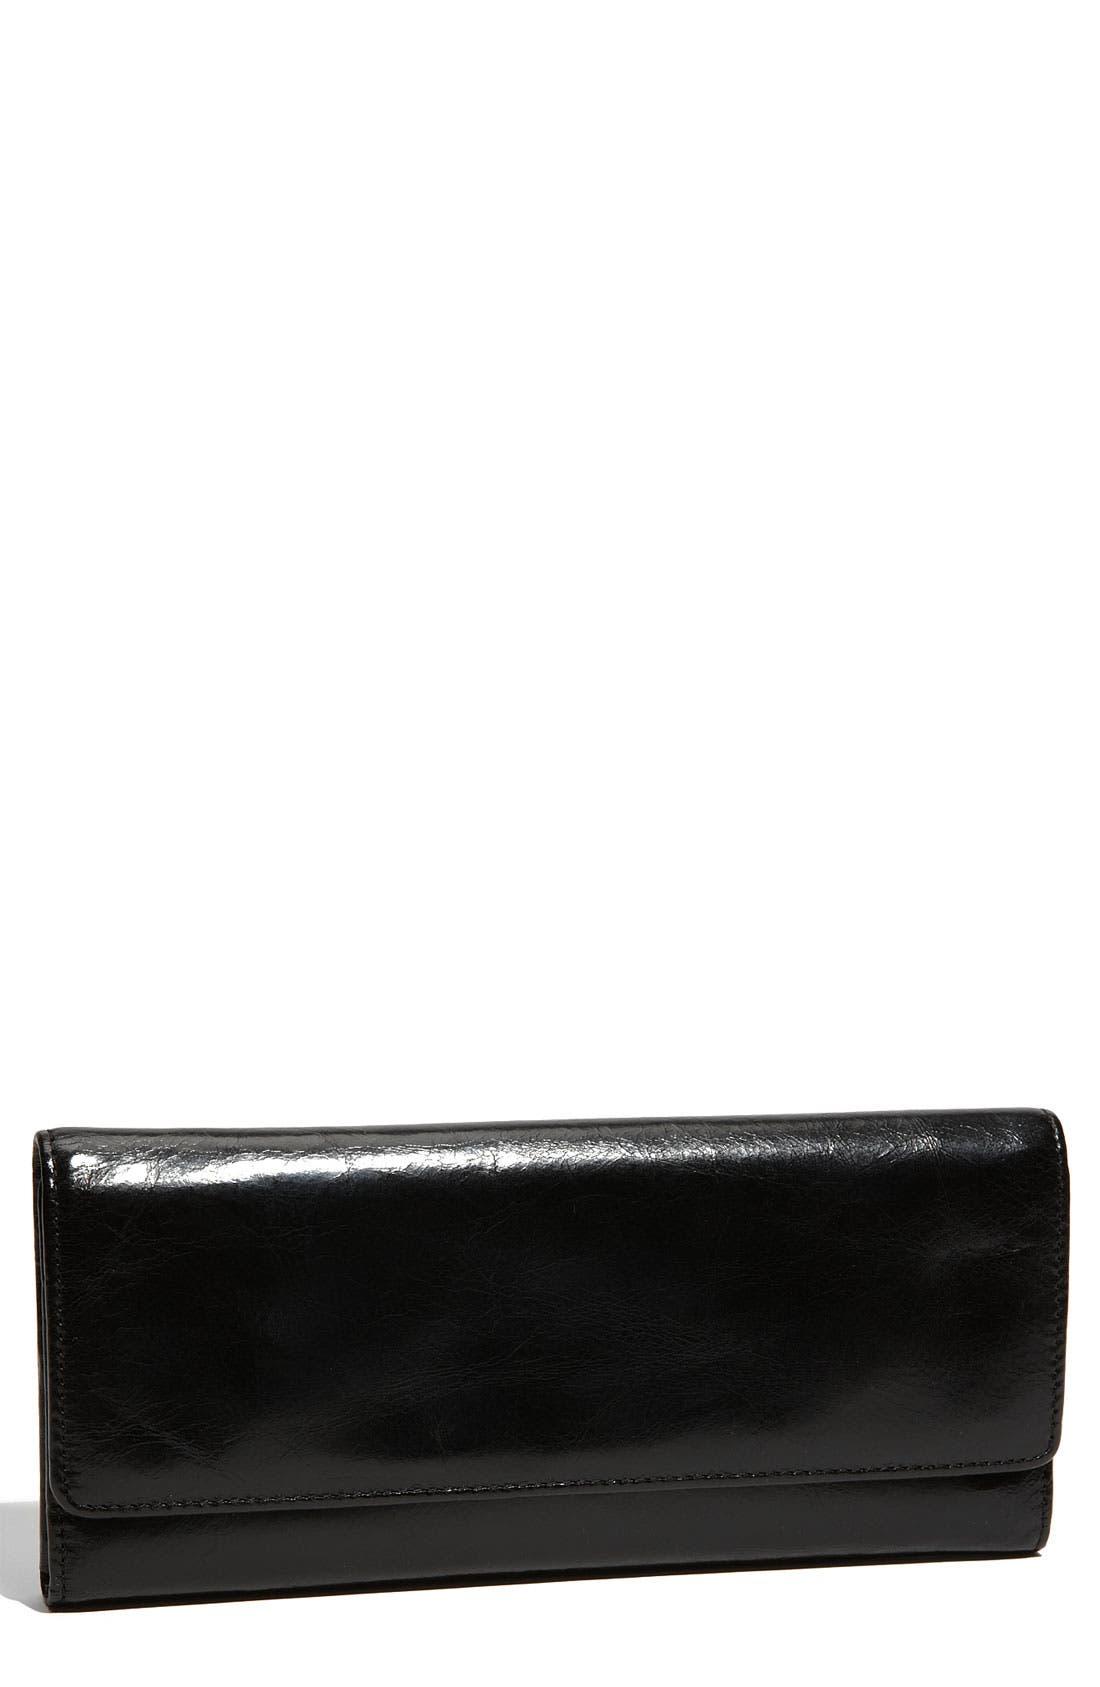 Hobo 'Sadie' Leather Wallet